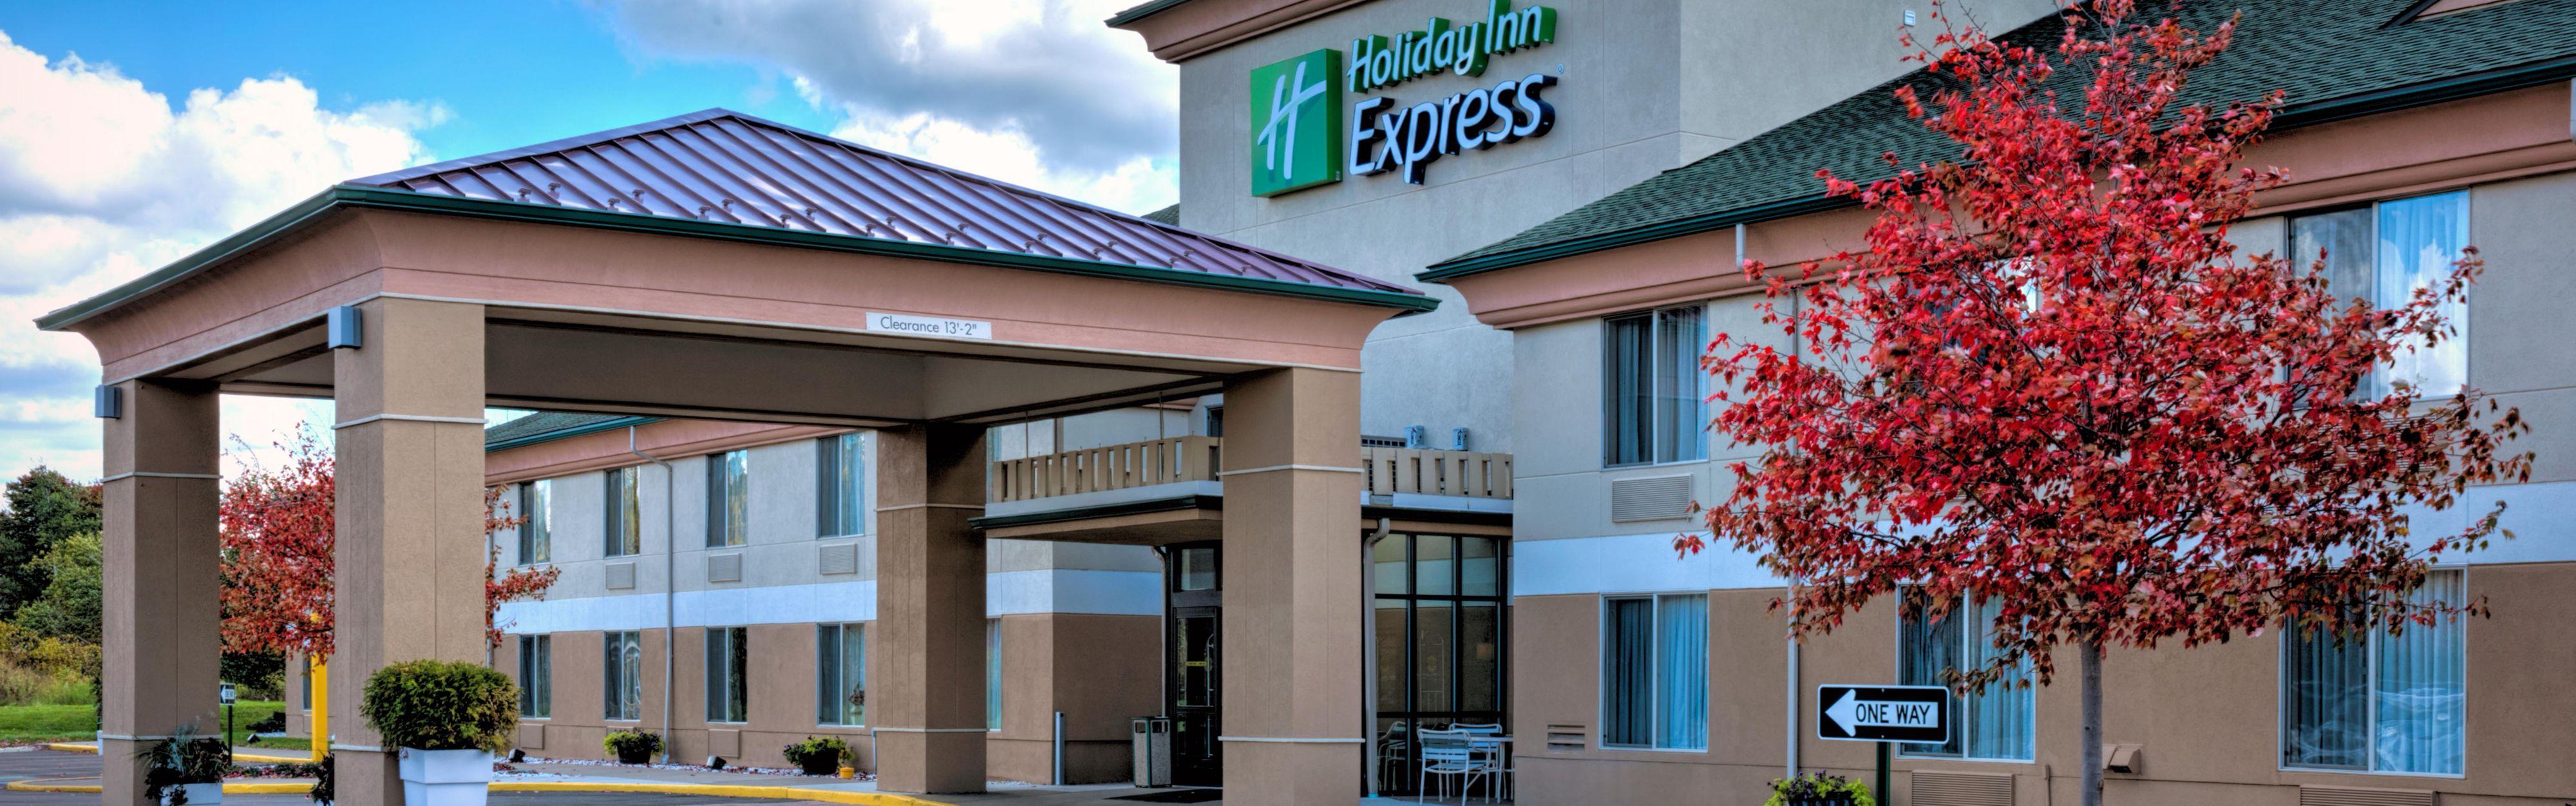 Holiday Inn Express & Suites Salamanca image 0